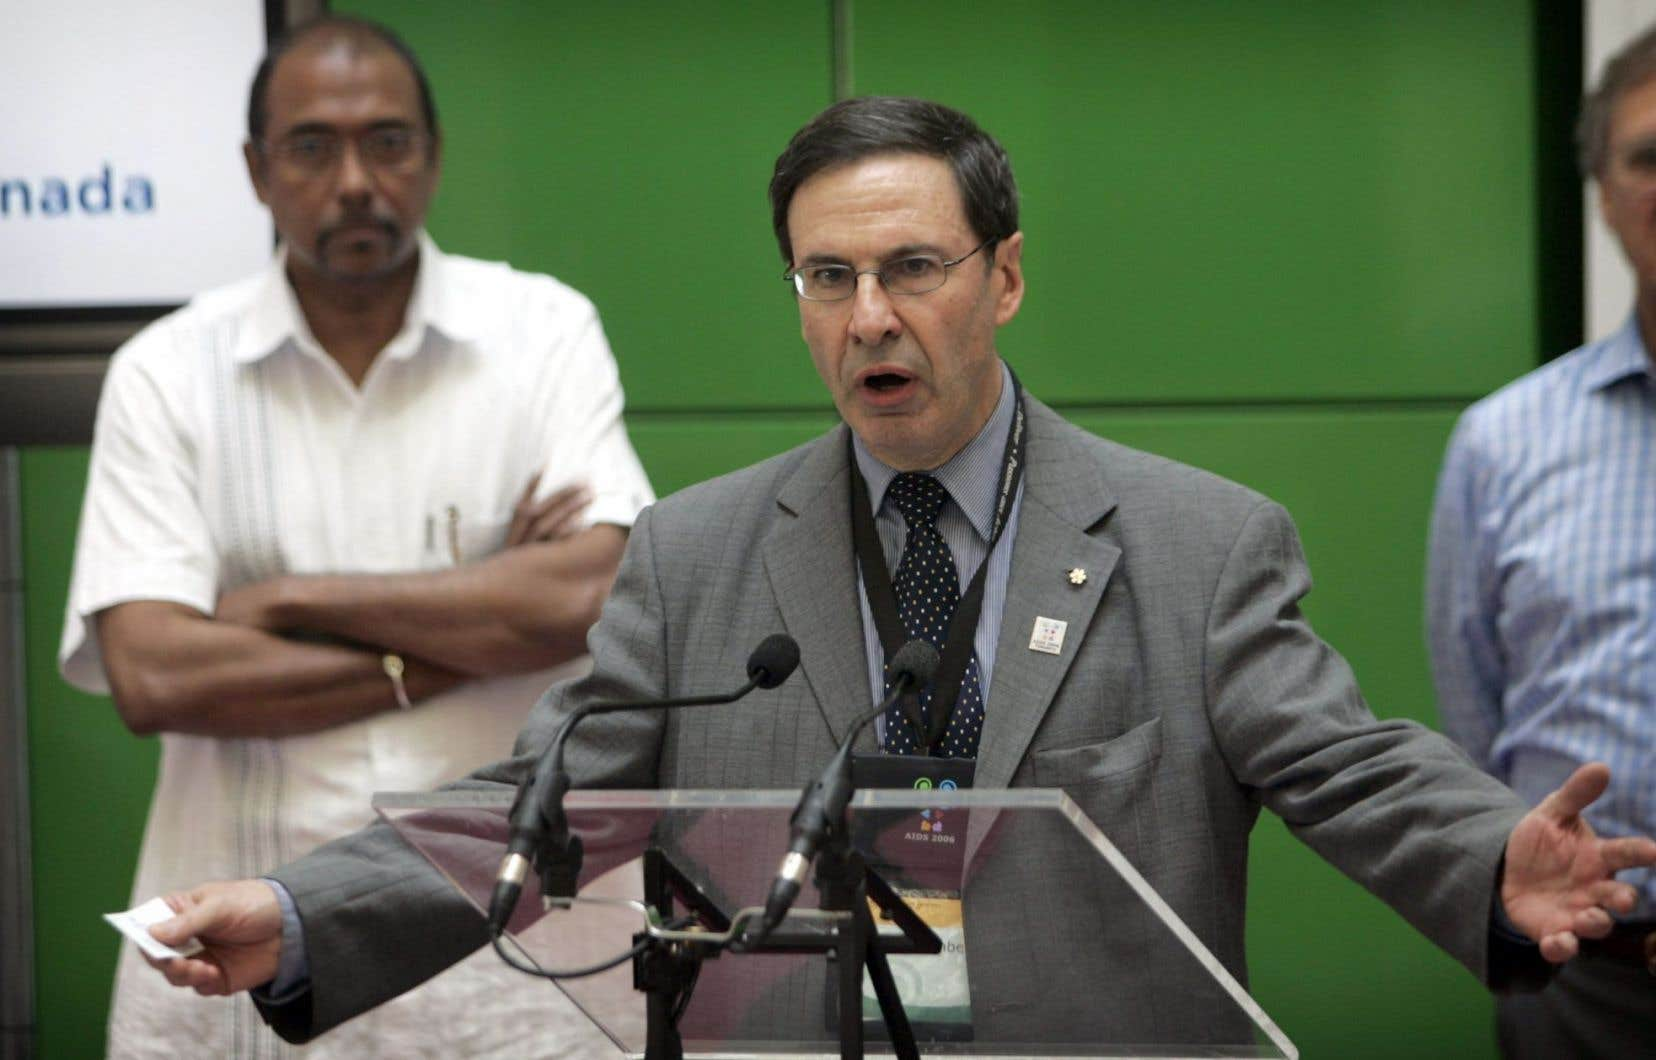 Le docteur Mark Wainberg était un chercheur de renommée internationale